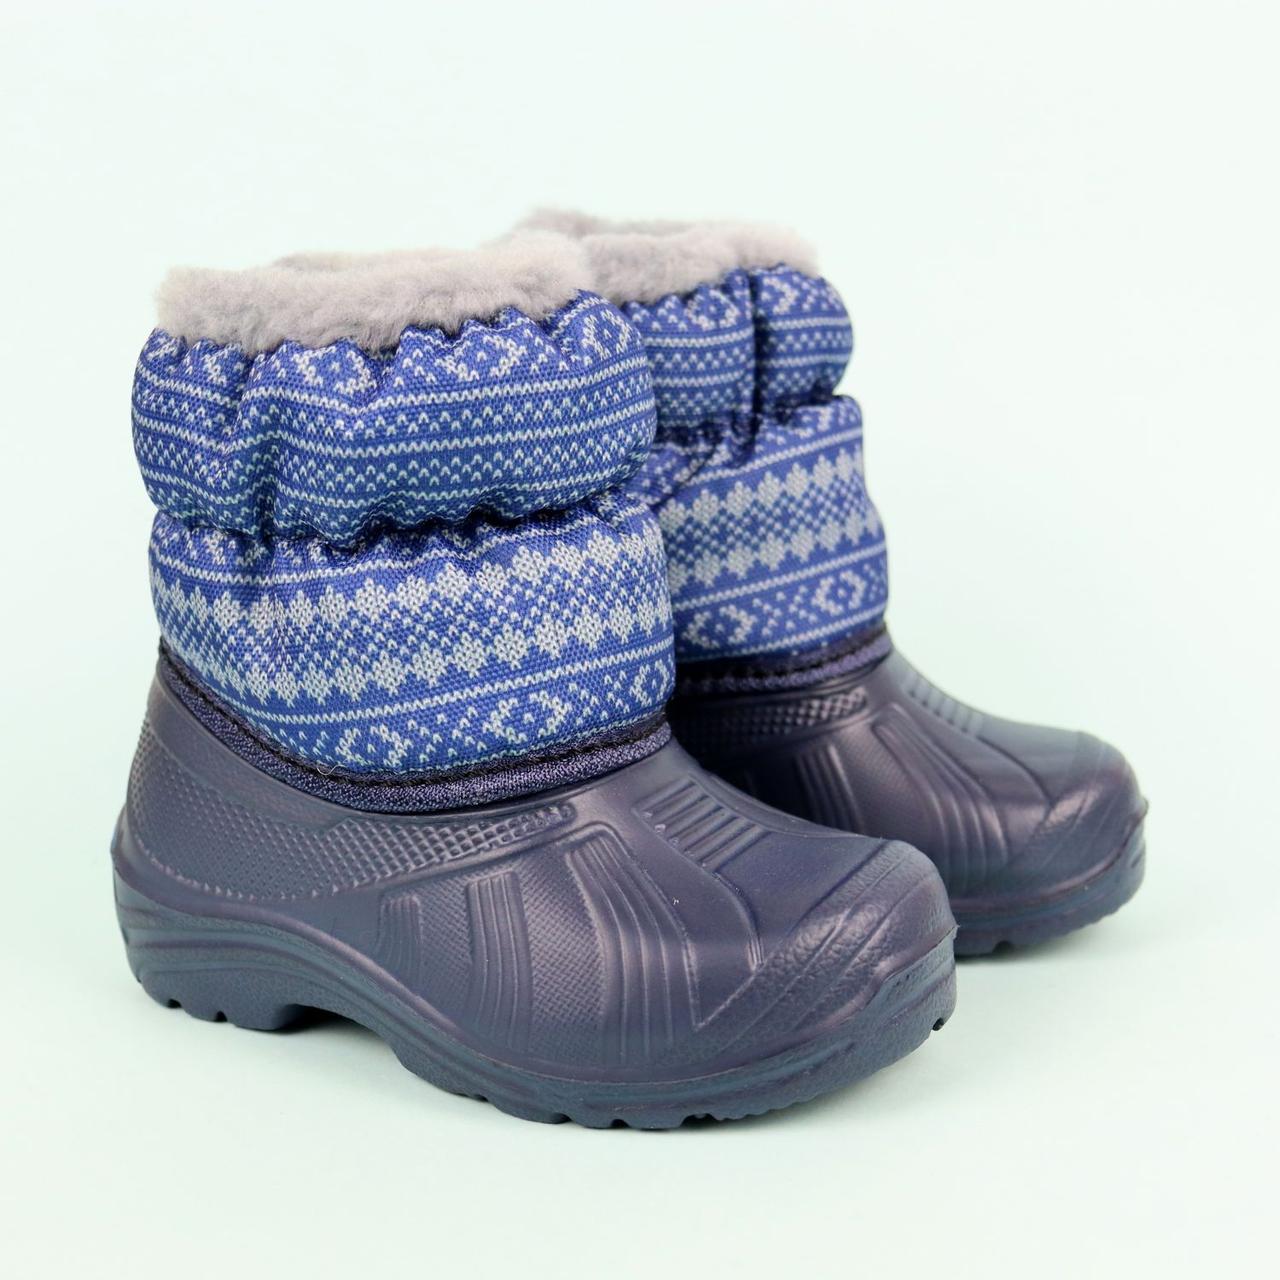 Чоботи дутики зимові для хлопчика тм Vitaliya розмір 28-28,5,32-33,35-36